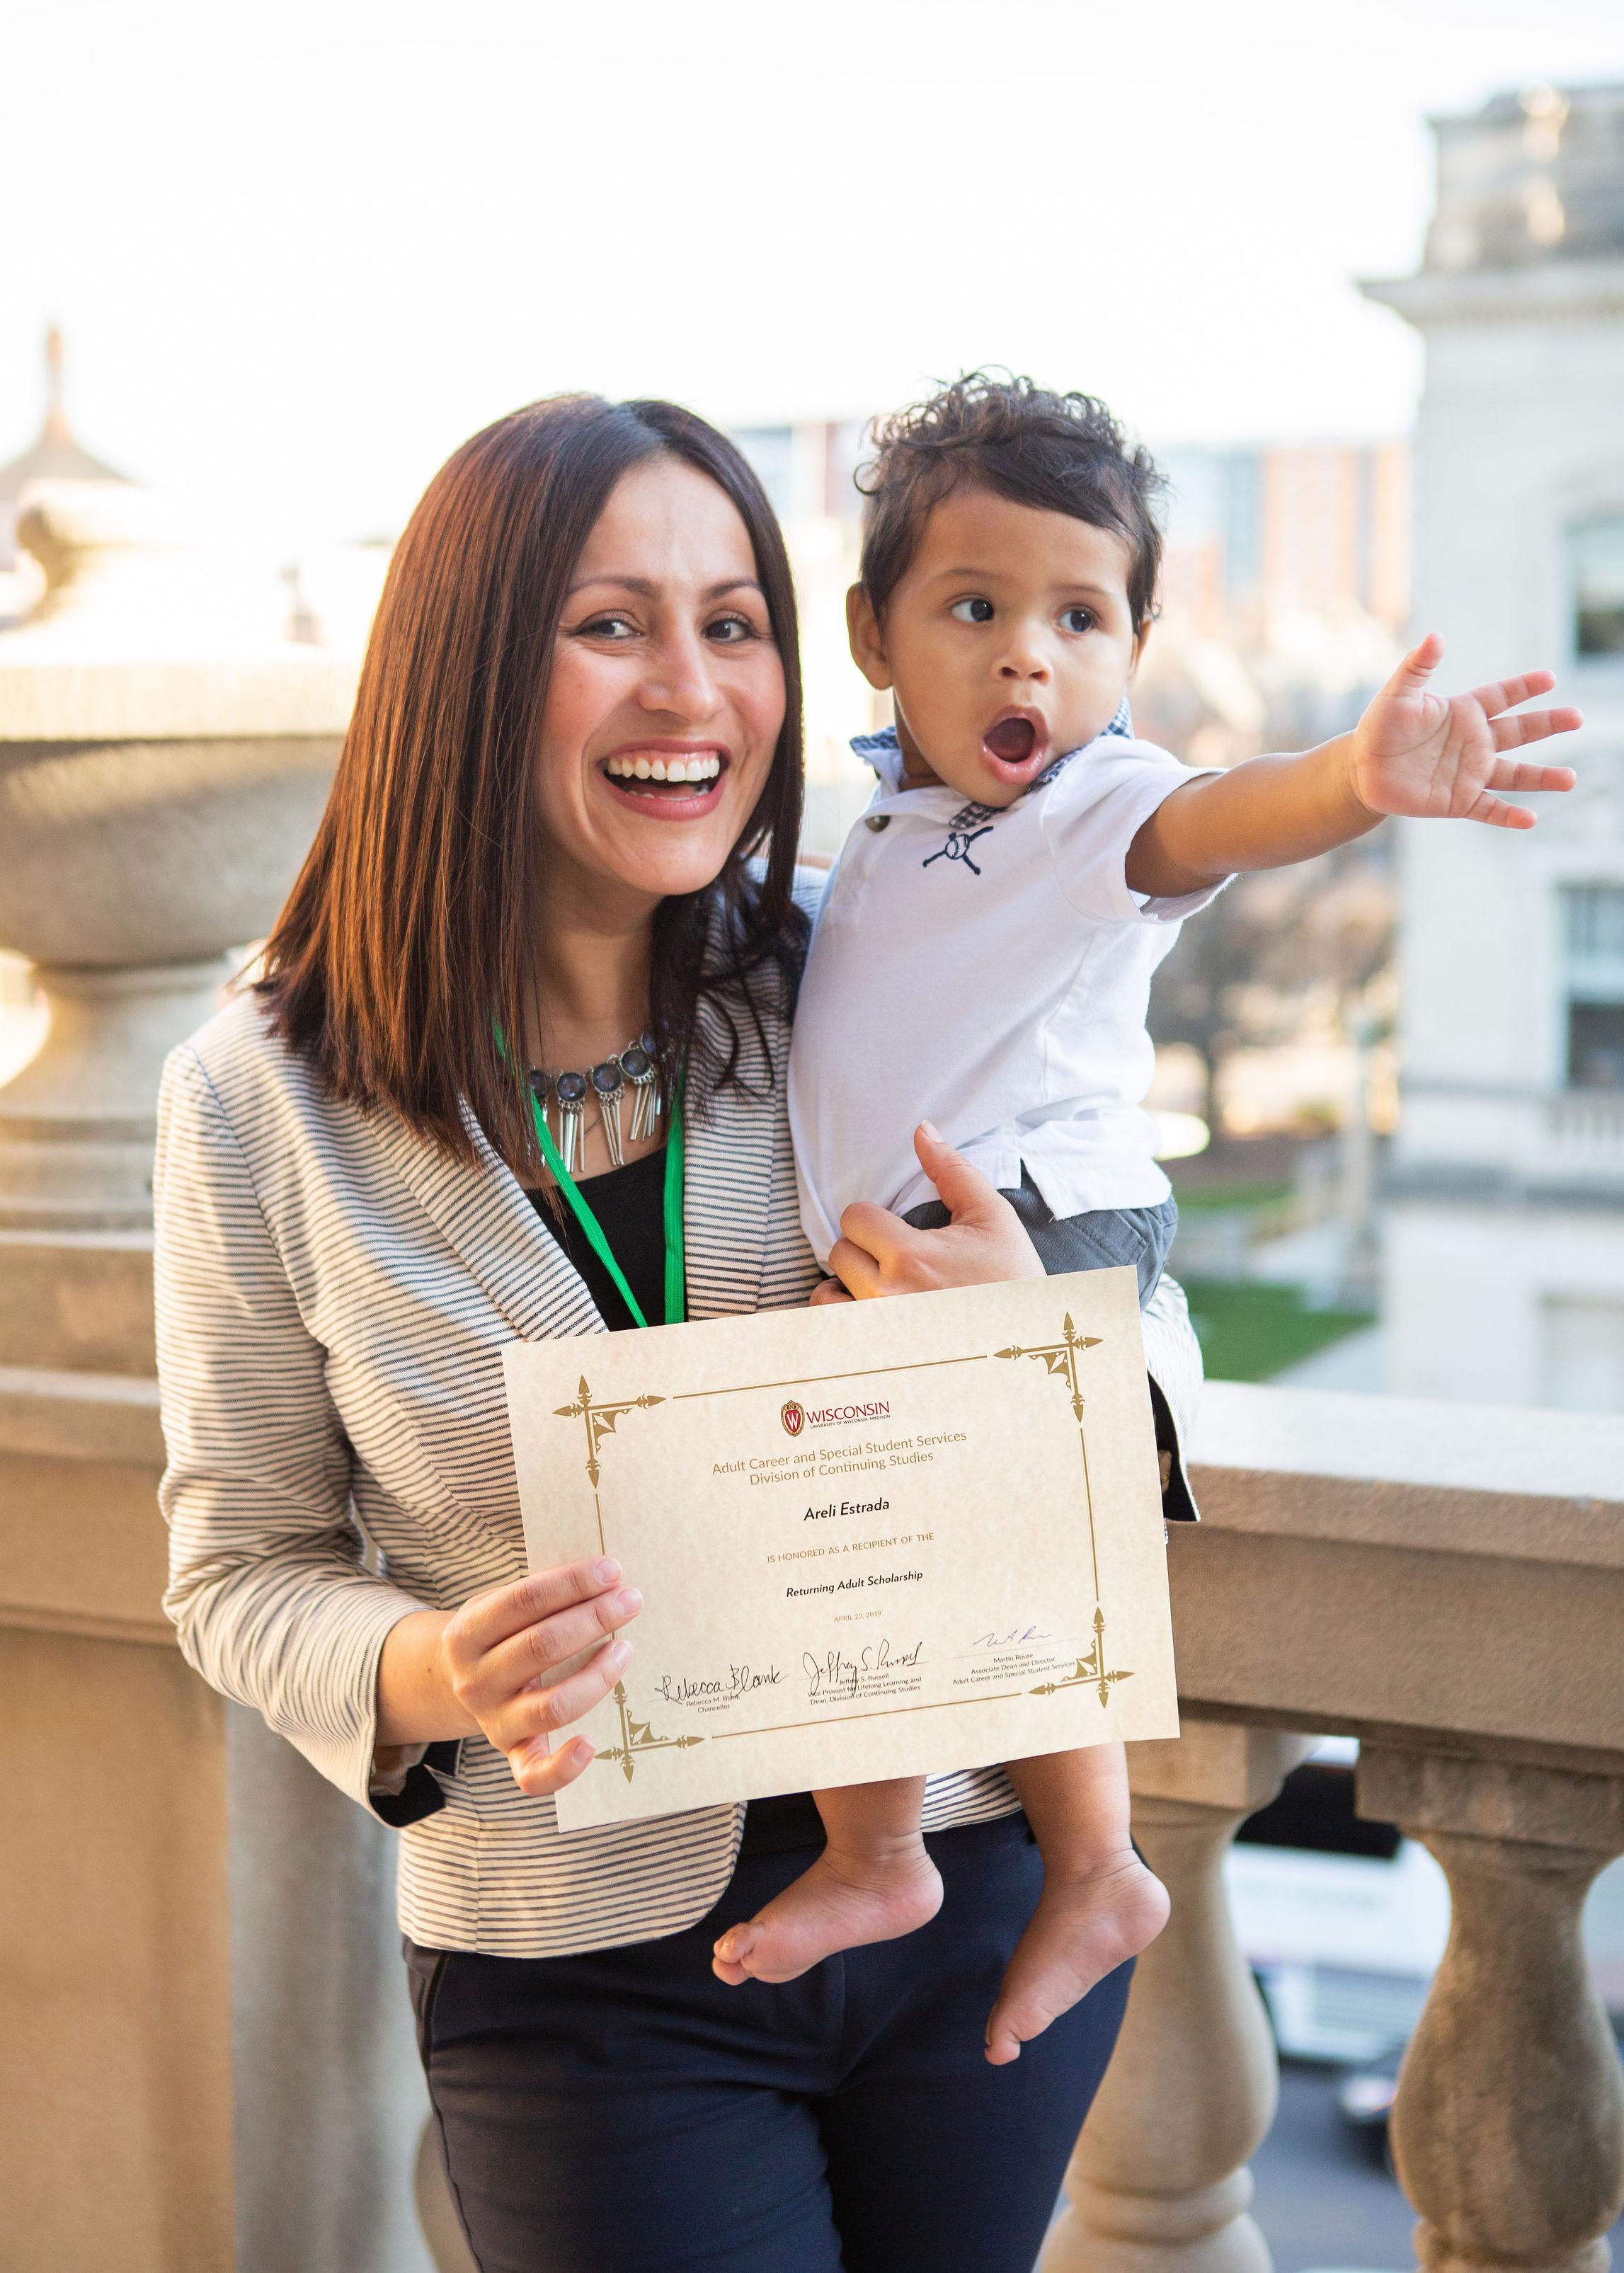 Areli Estrada and child